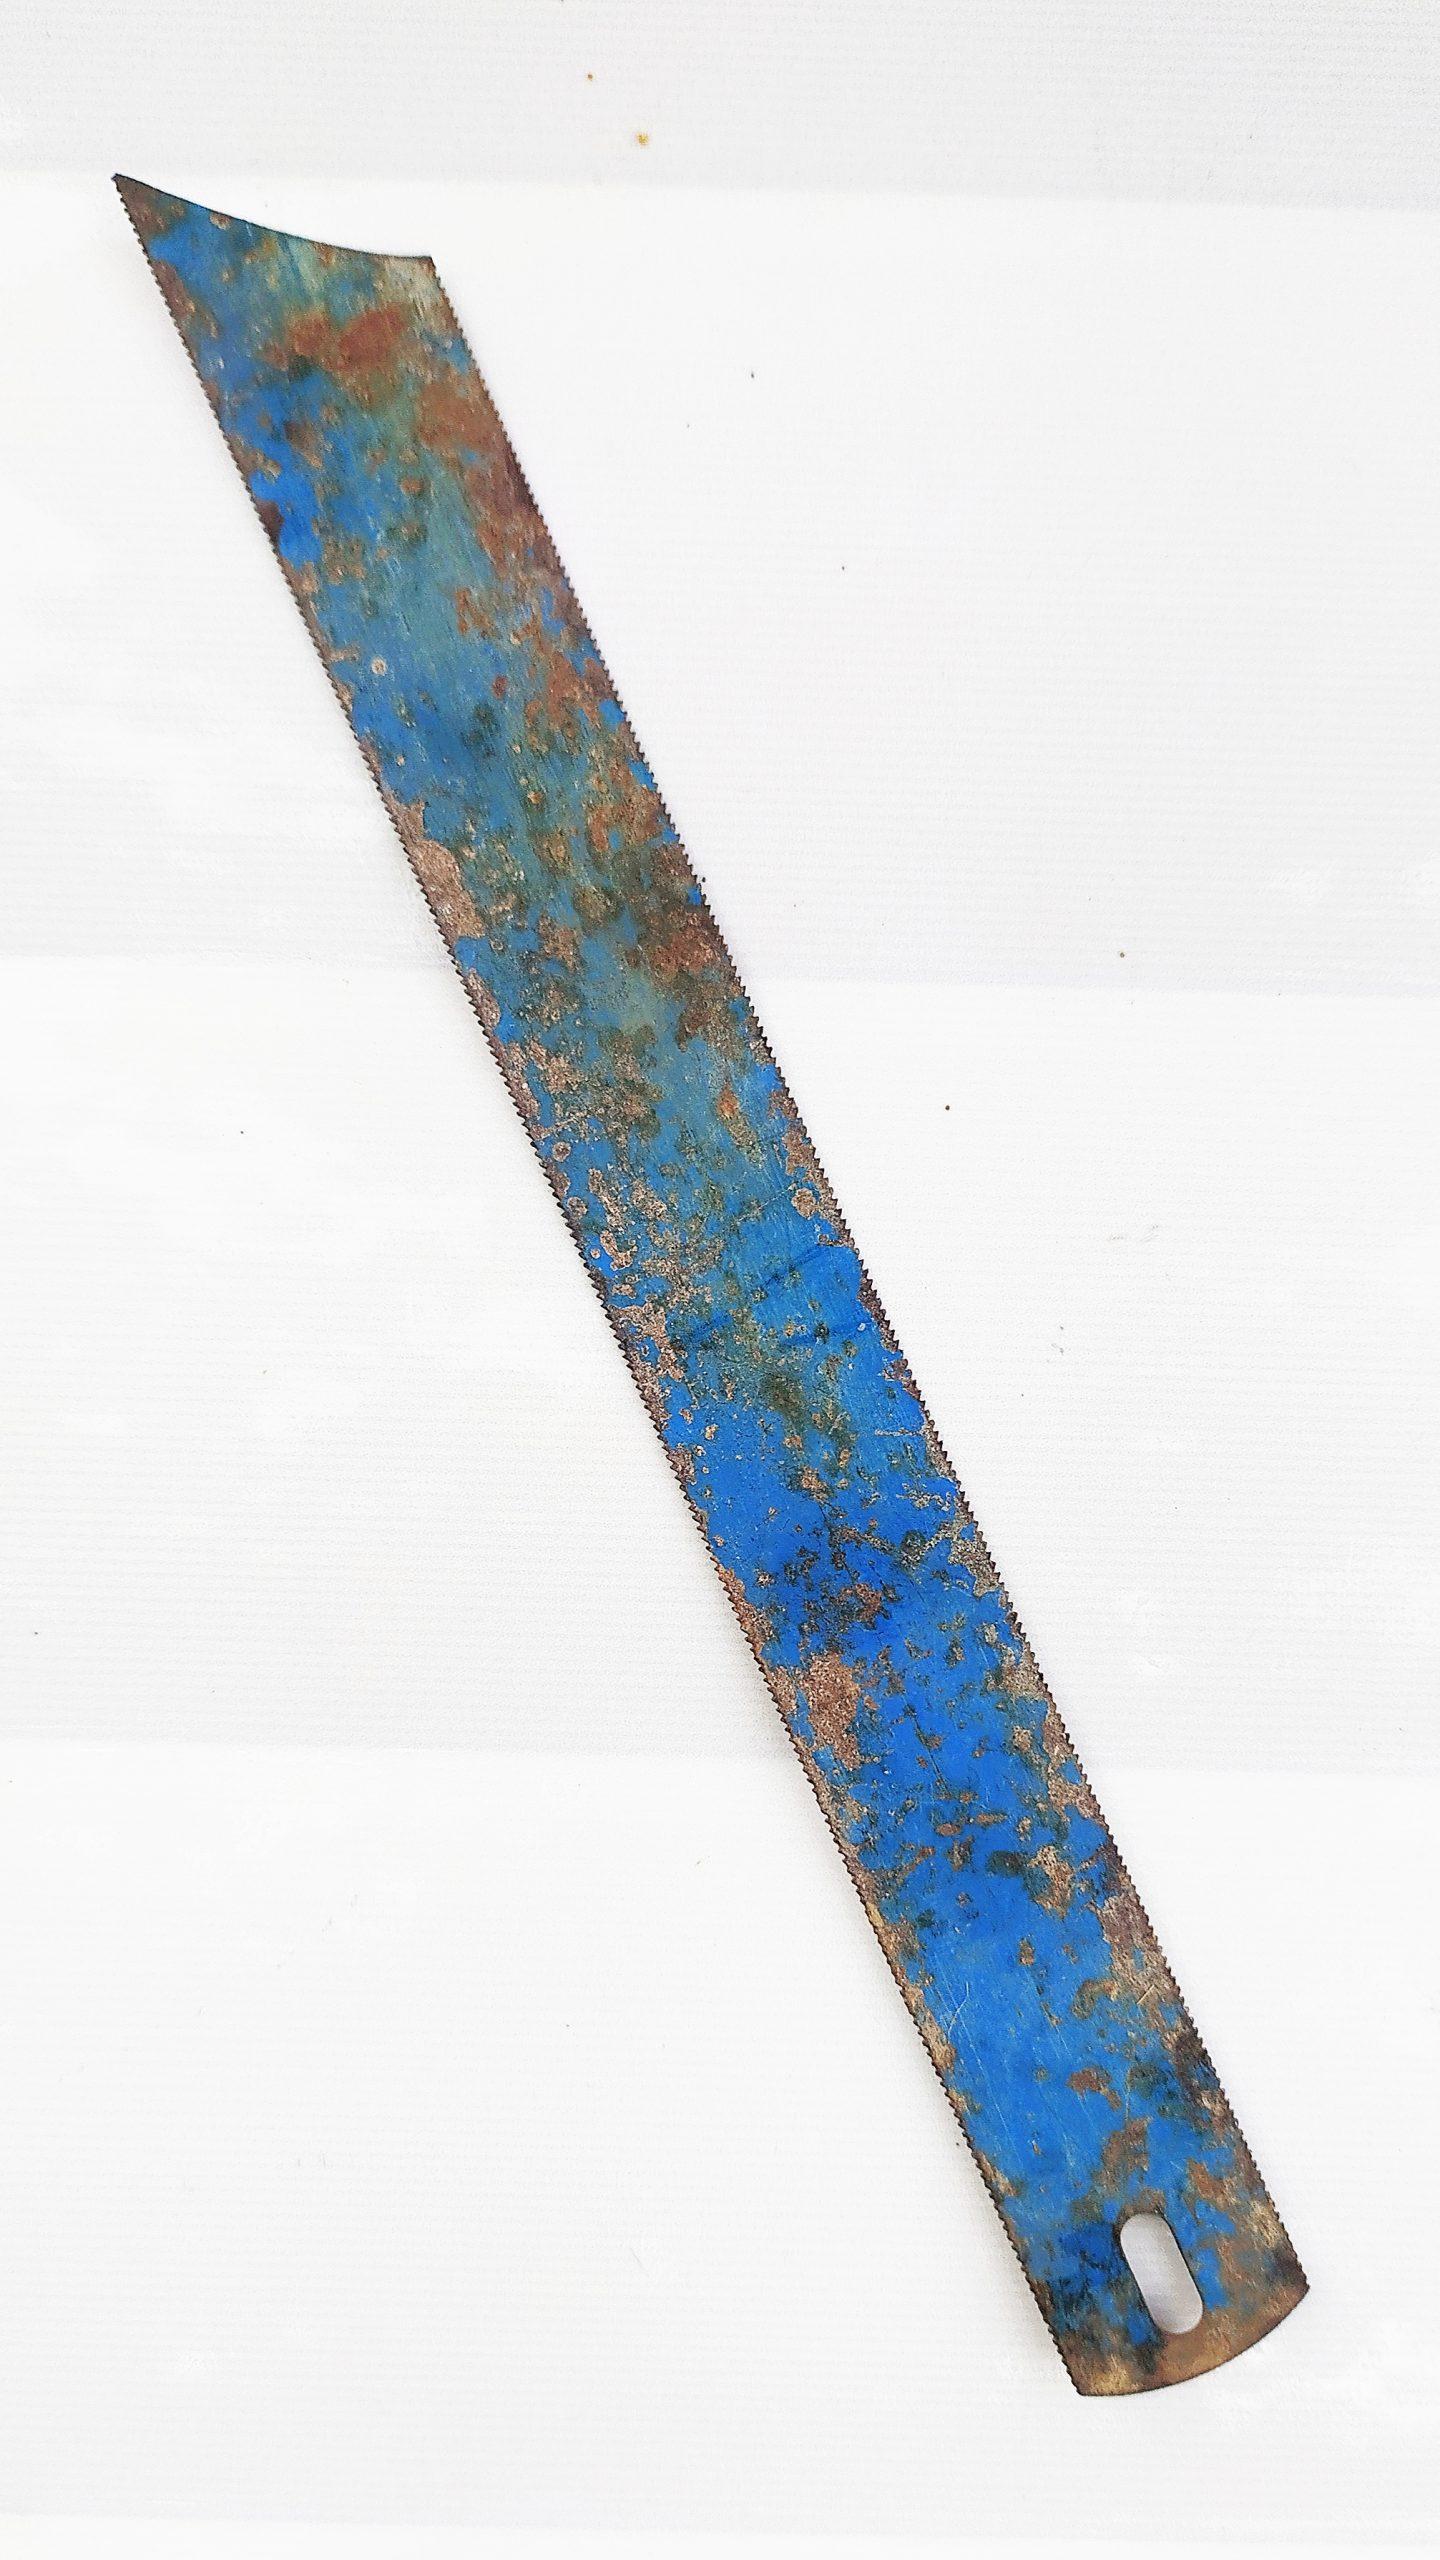 An iron blade